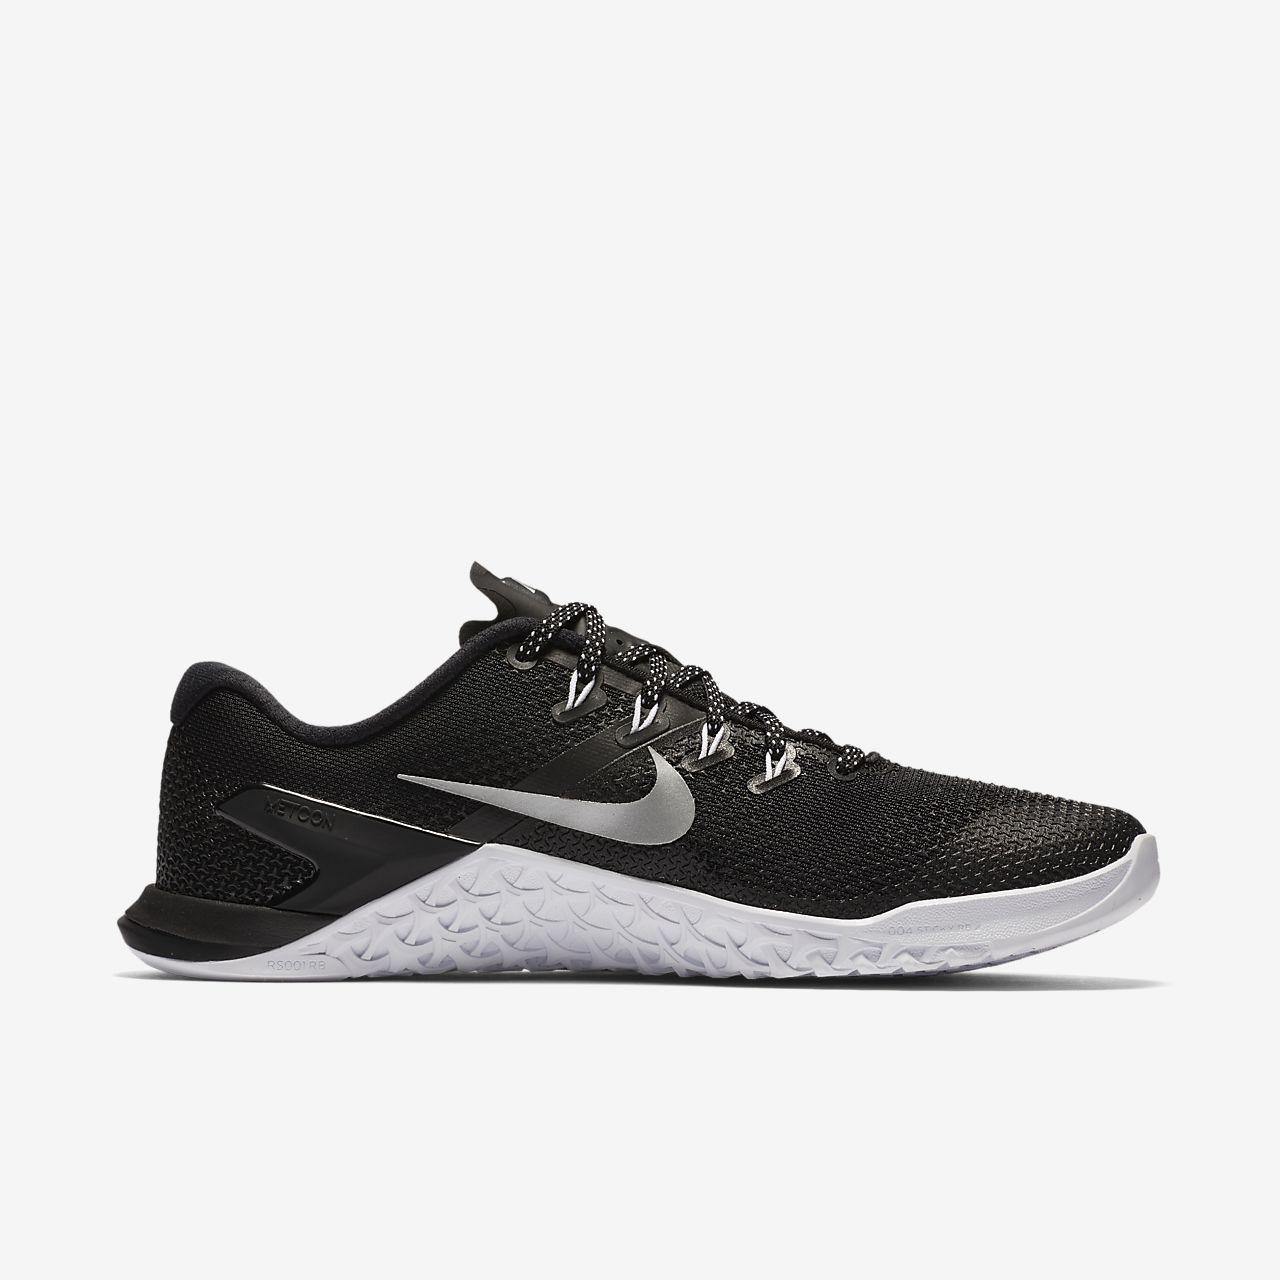 d64755664e11d ... Nike Metcon 4 Zapatillas de cross-training y levantamiento de pesas -  Mujer